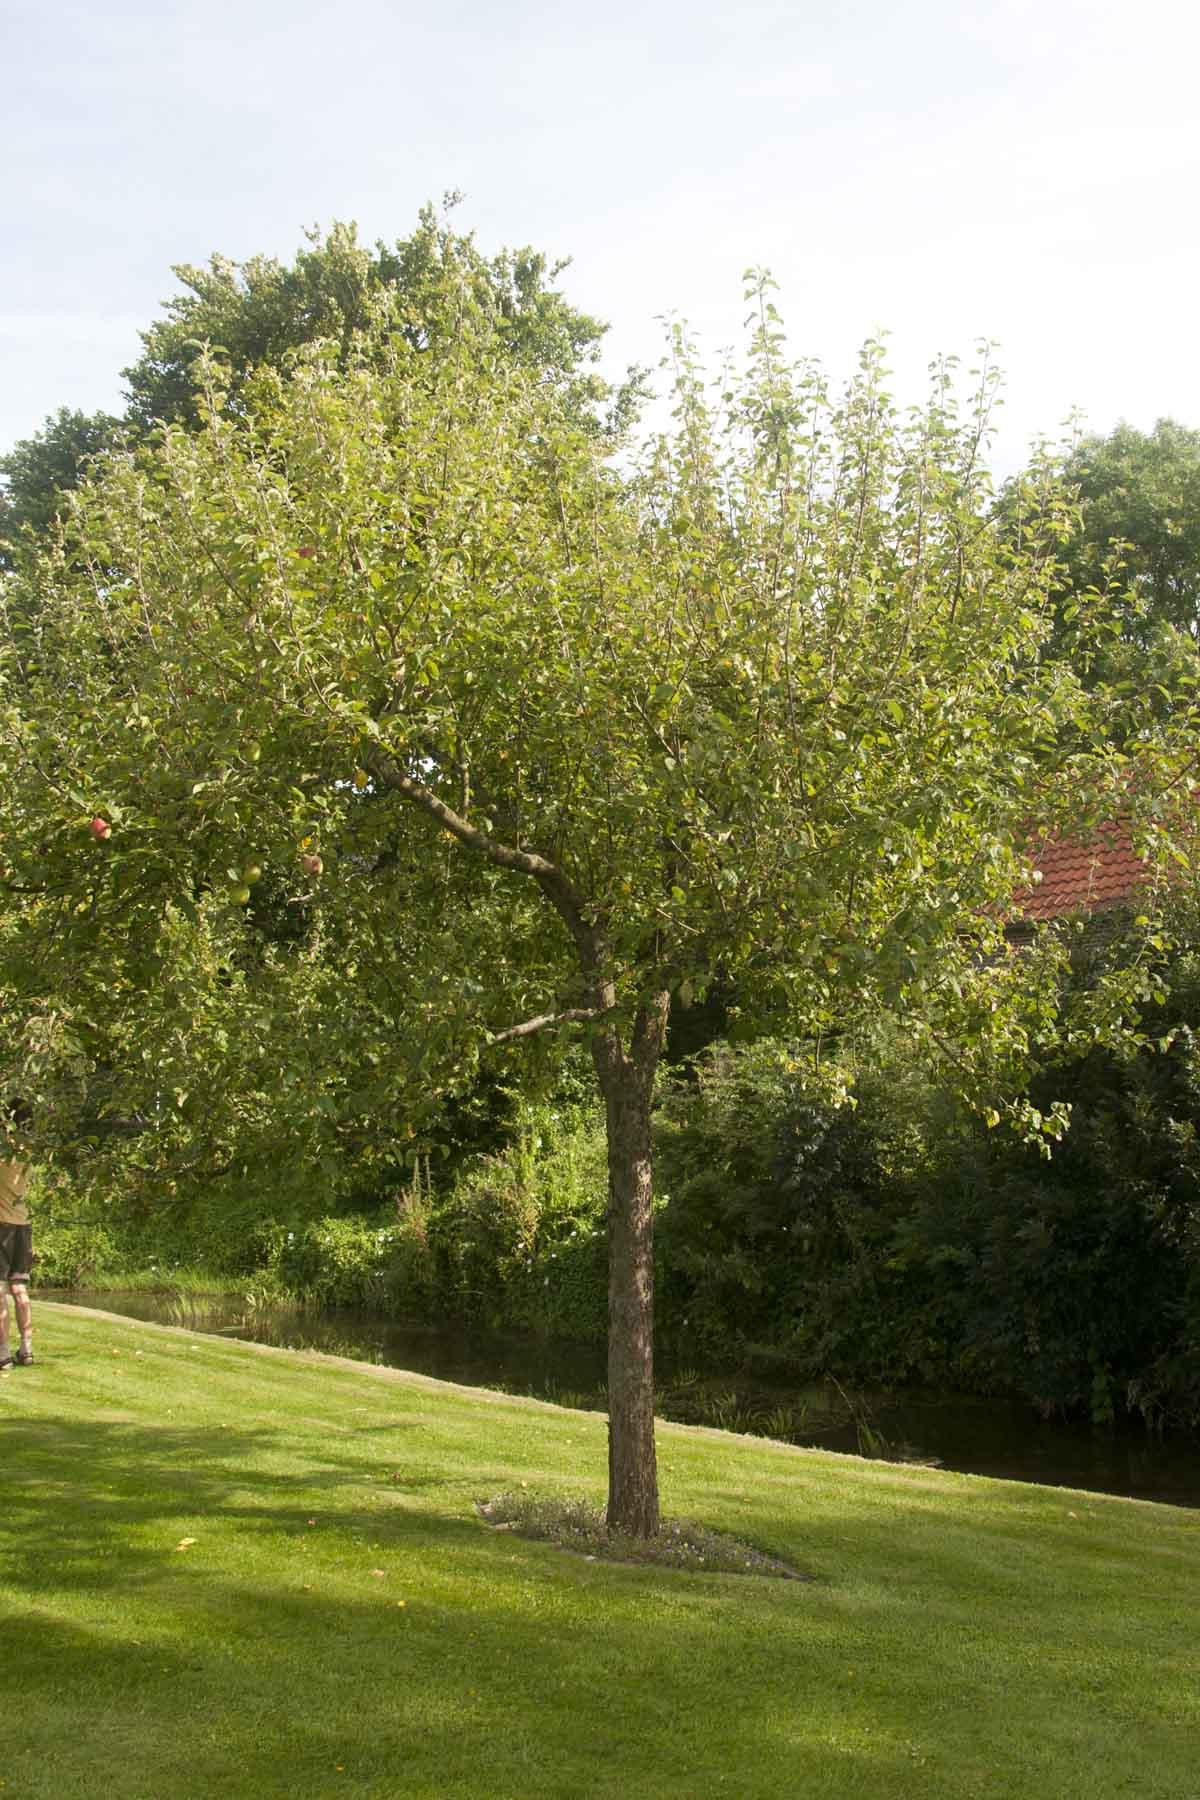 2012-08-18-hsb-steenwijkerwold-4112